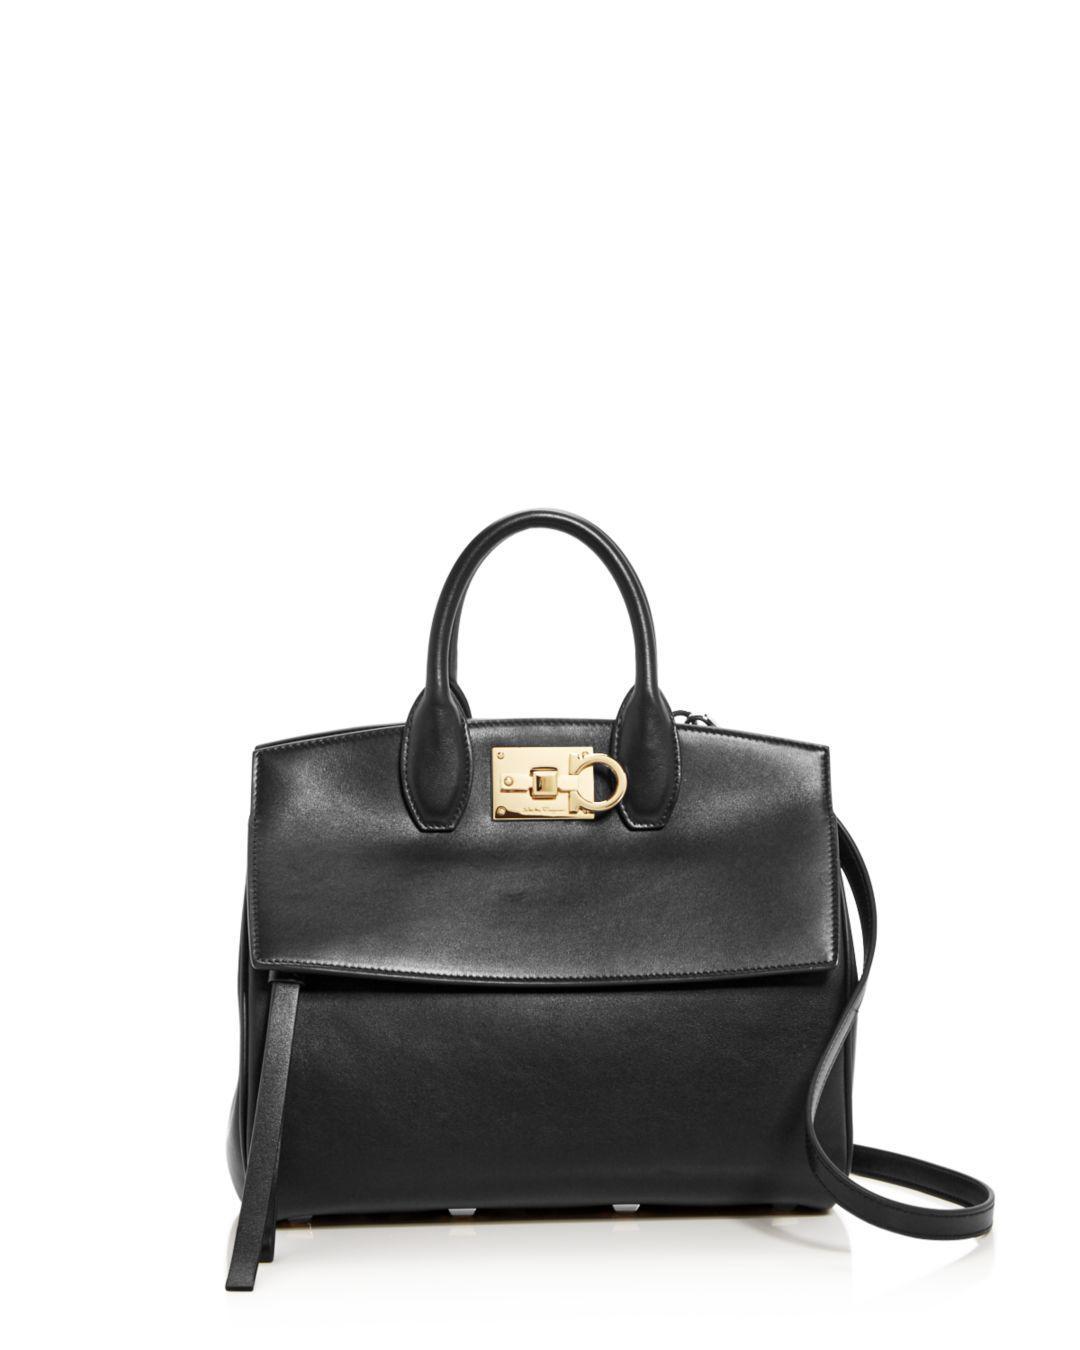 2b92e1ad3c80 Lyst - Ferragamo Women s Small Studio Leather Satchel - Black in ...